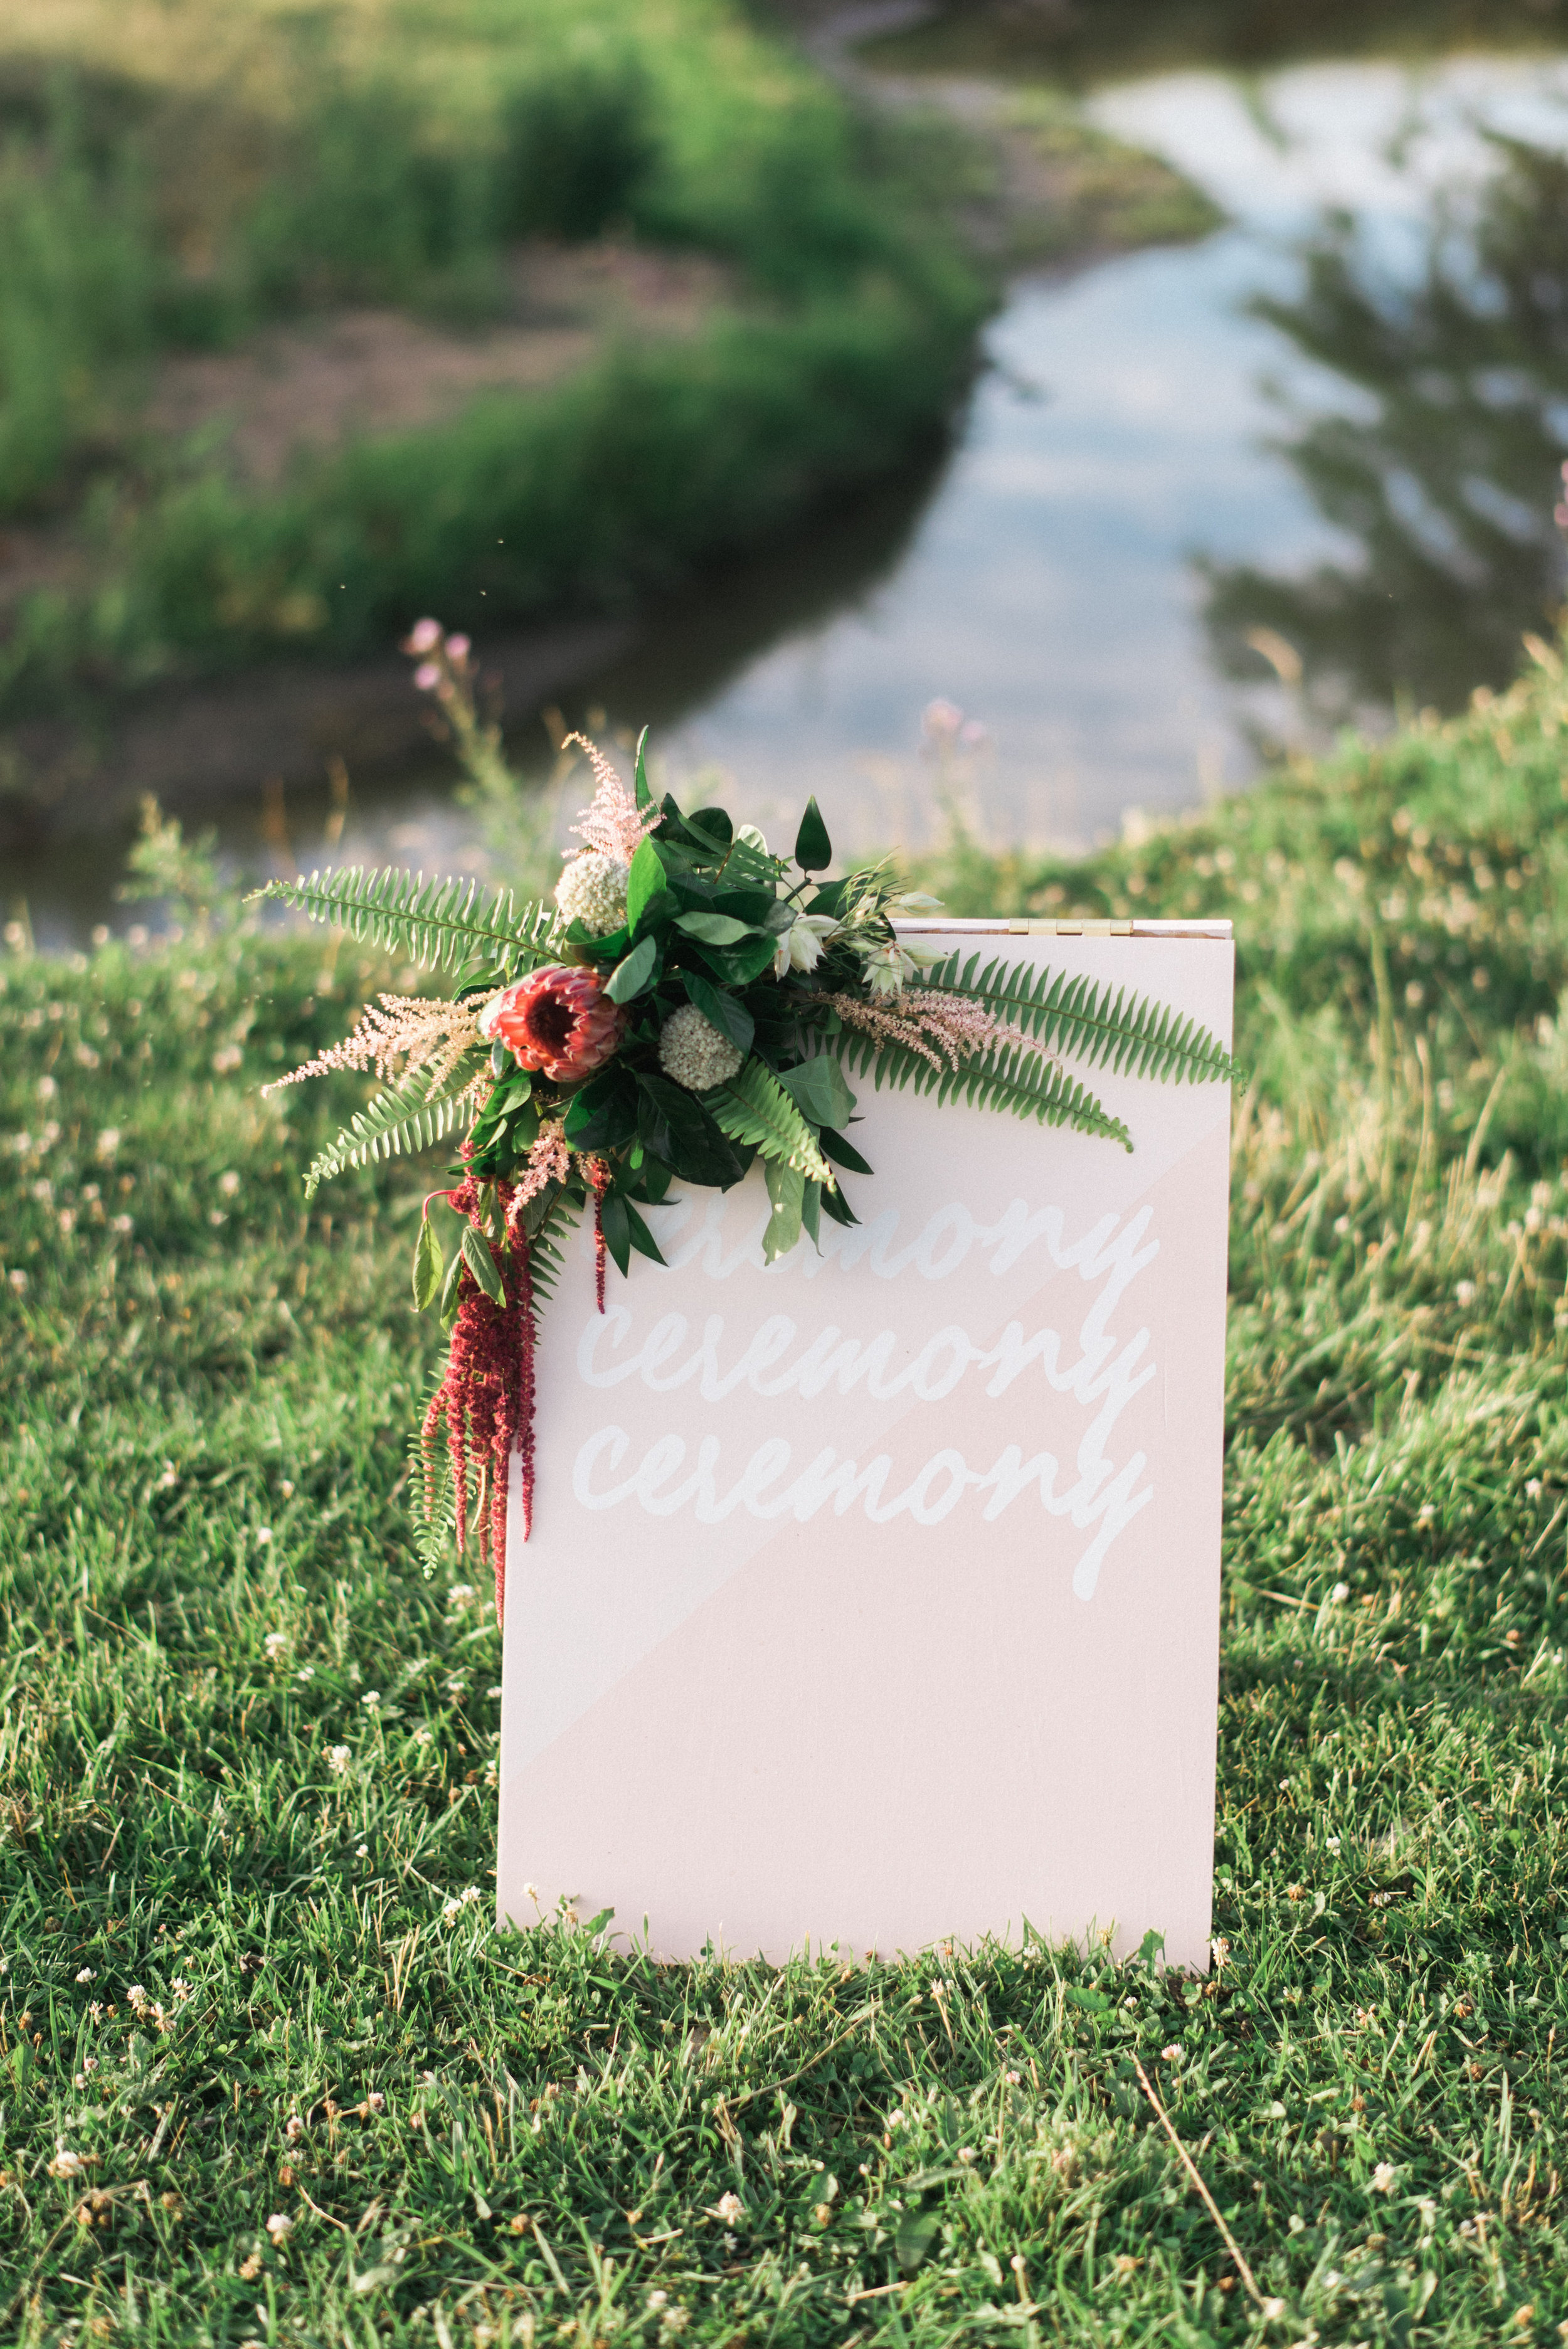 lauren + austin's outdoor wedding - design sponge